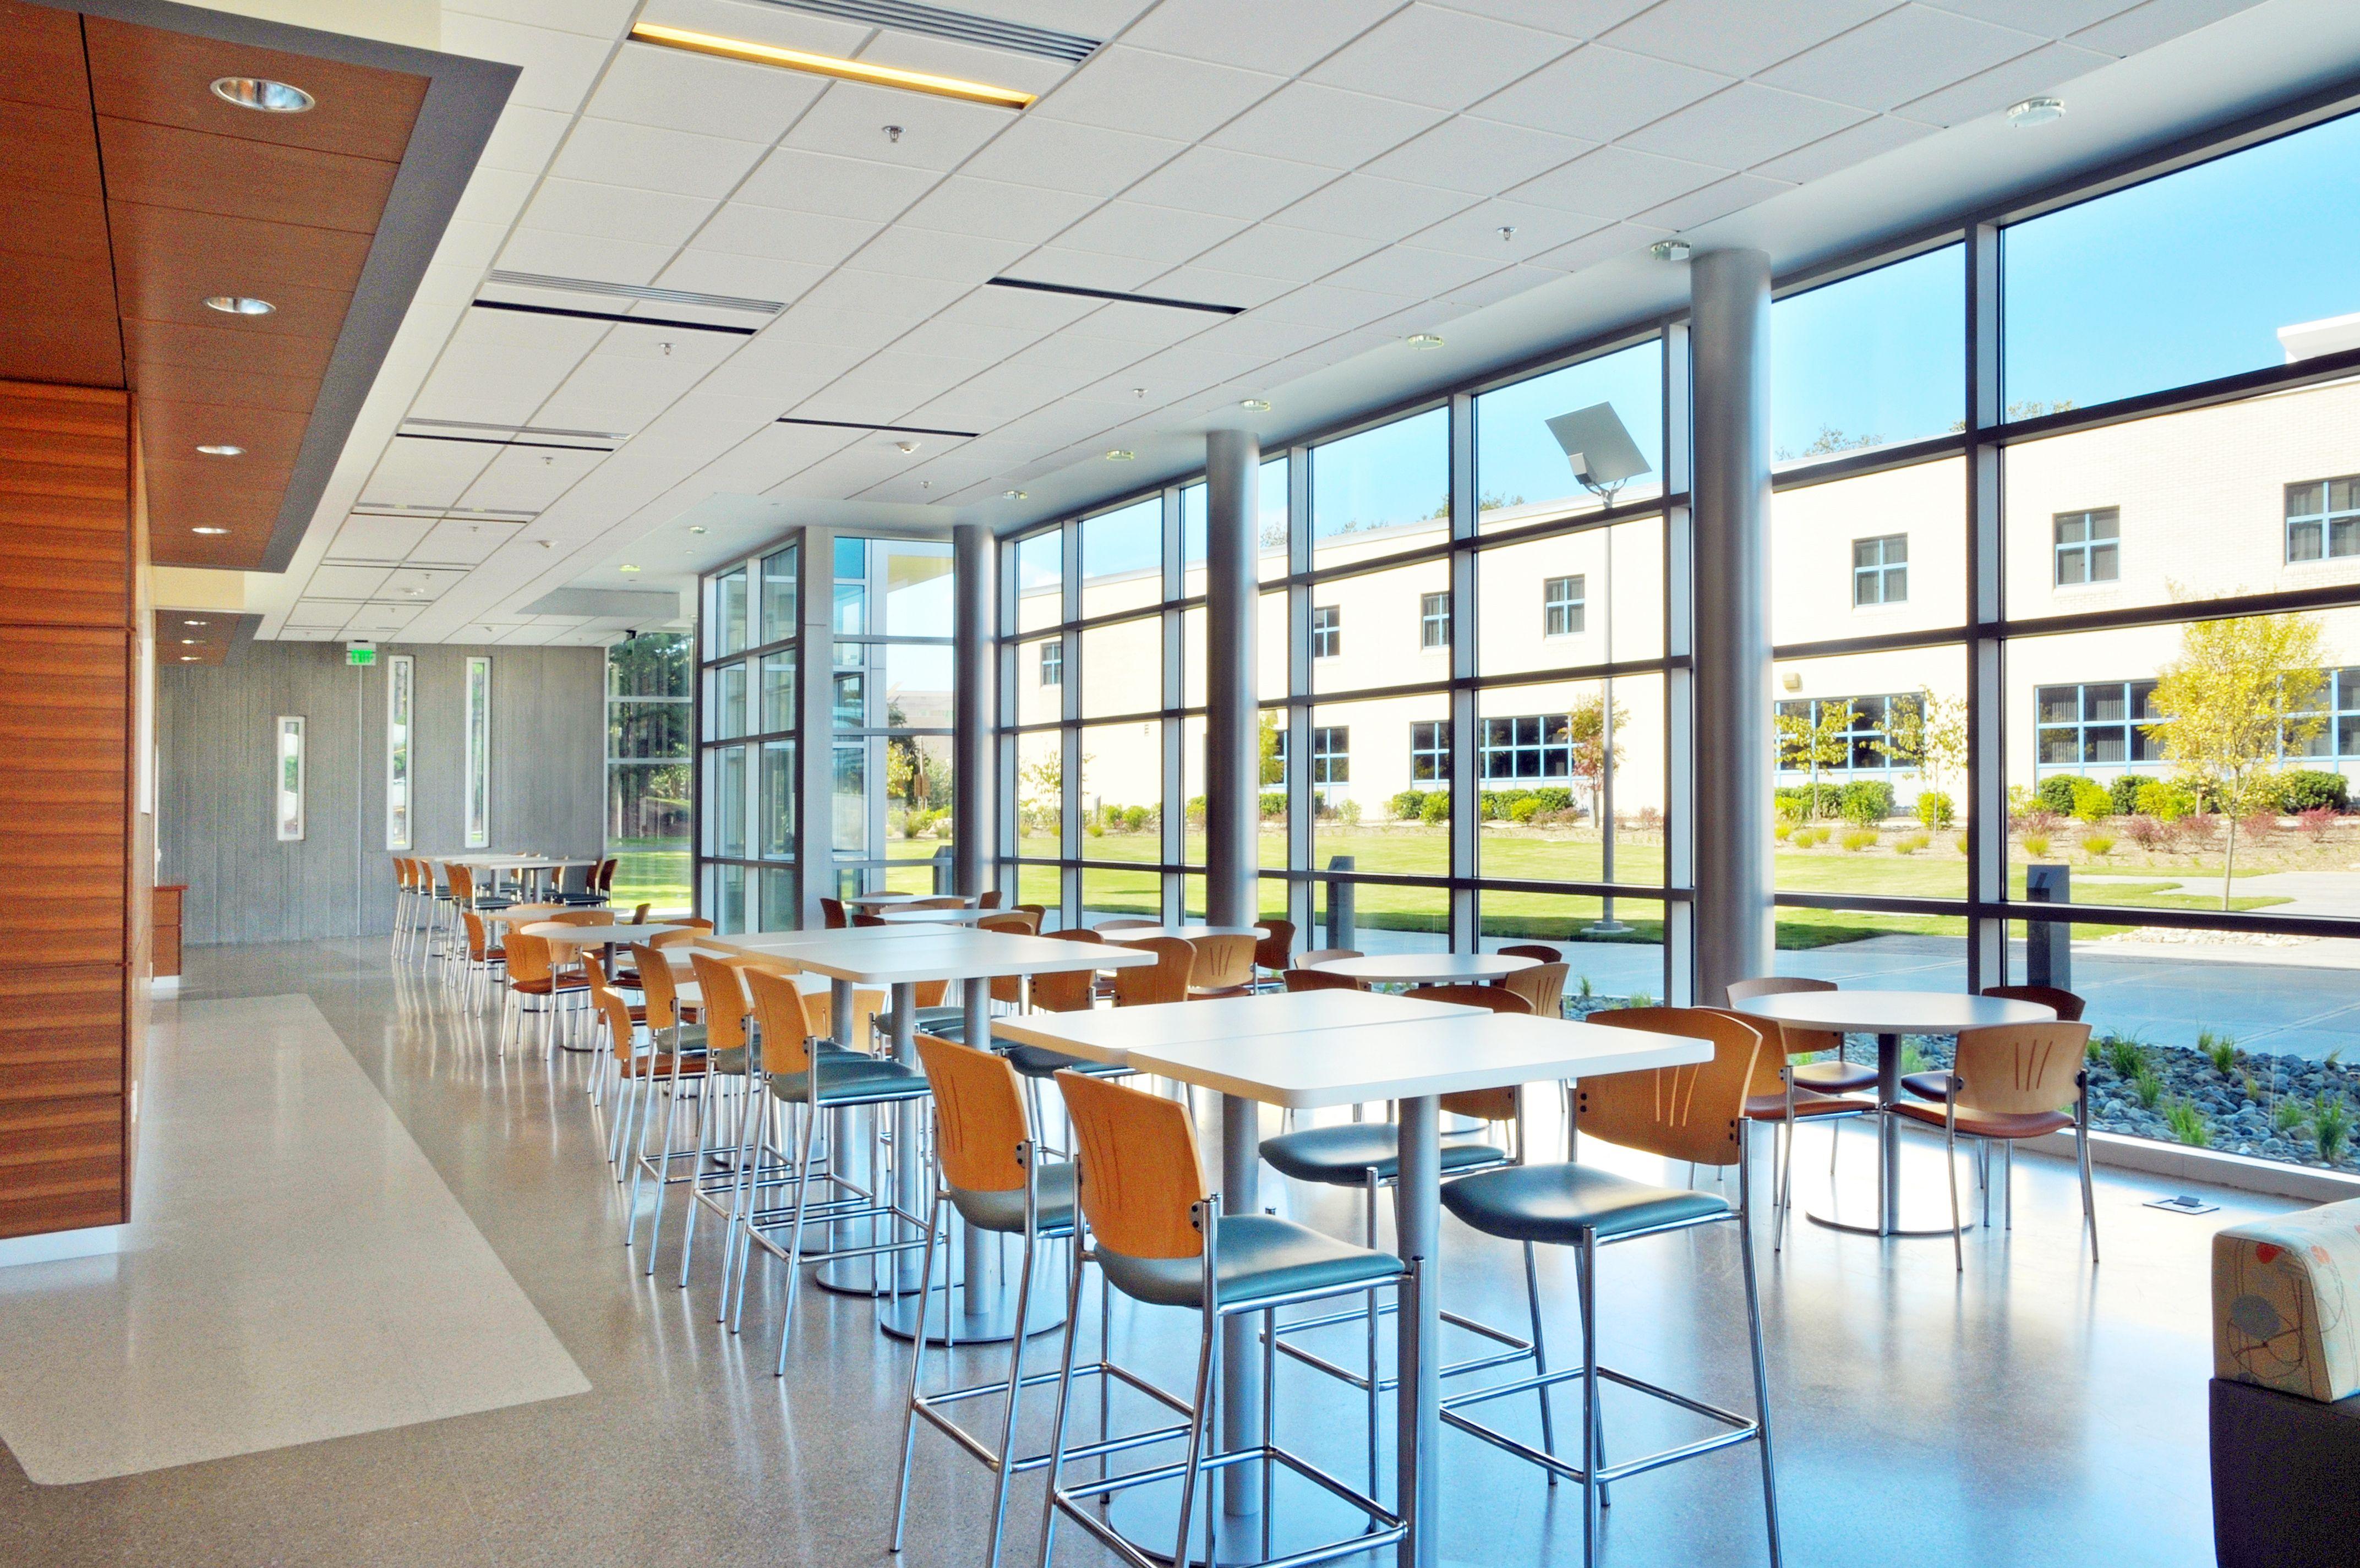 Interior Architecture Design Pllc Wake Tech Community College